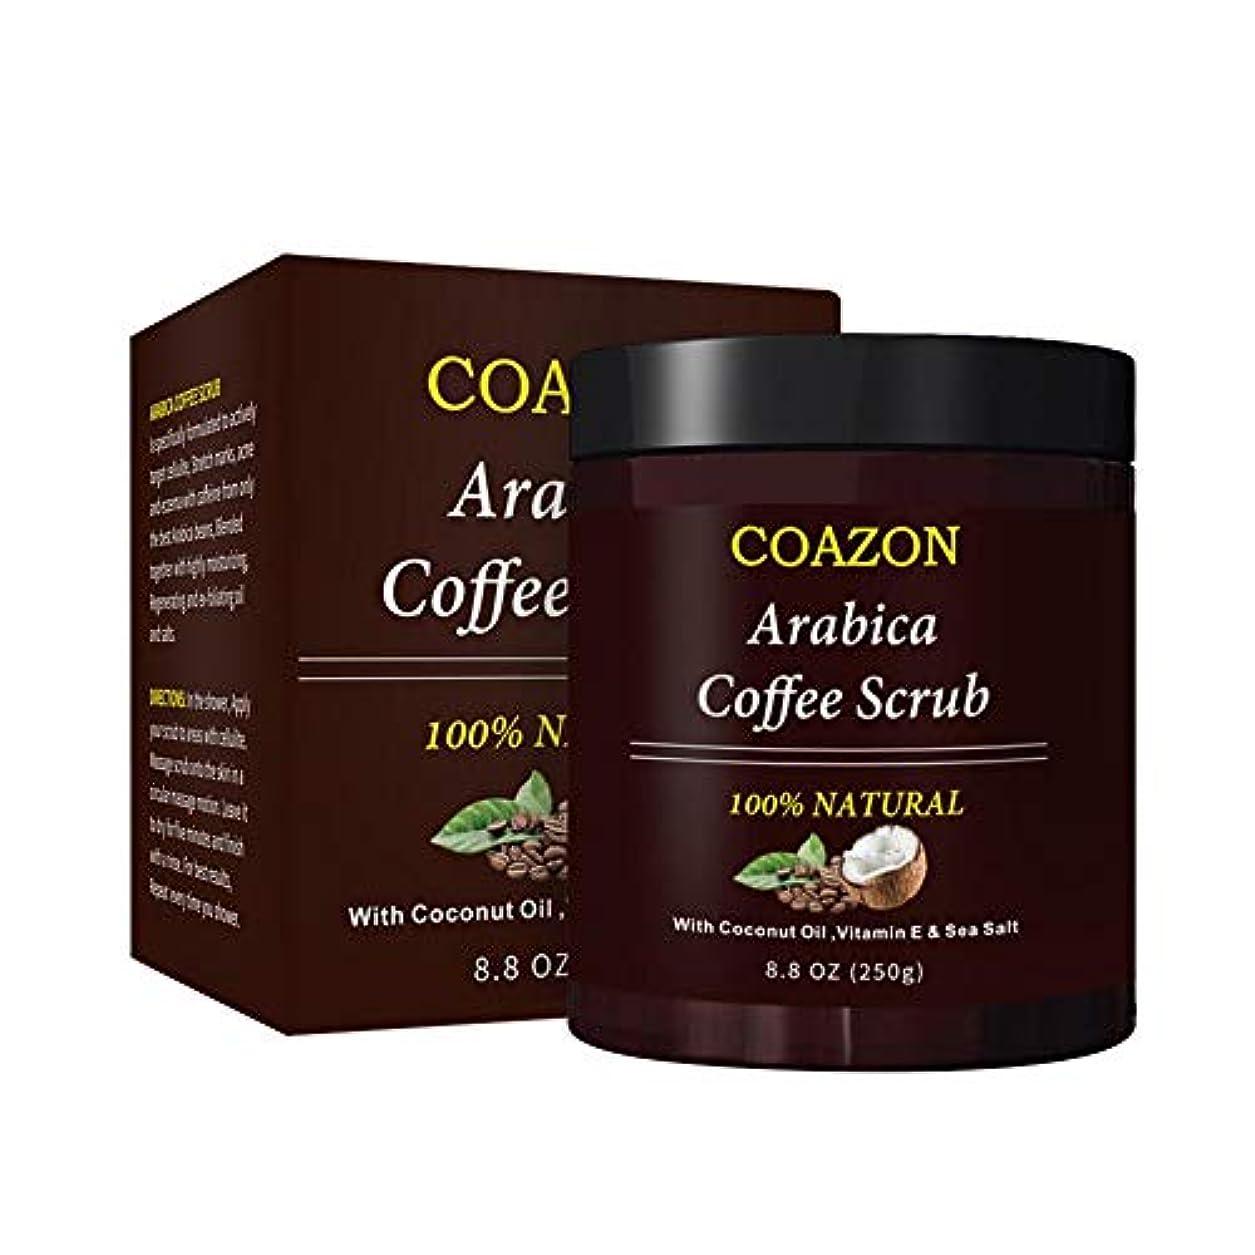 通知するパイントいまColdwhite ボディースクラブ 角質除去ホワイトニング保湿抗セルライト治療のためのコーヒー介護者の自然死海塩クリーム 240g